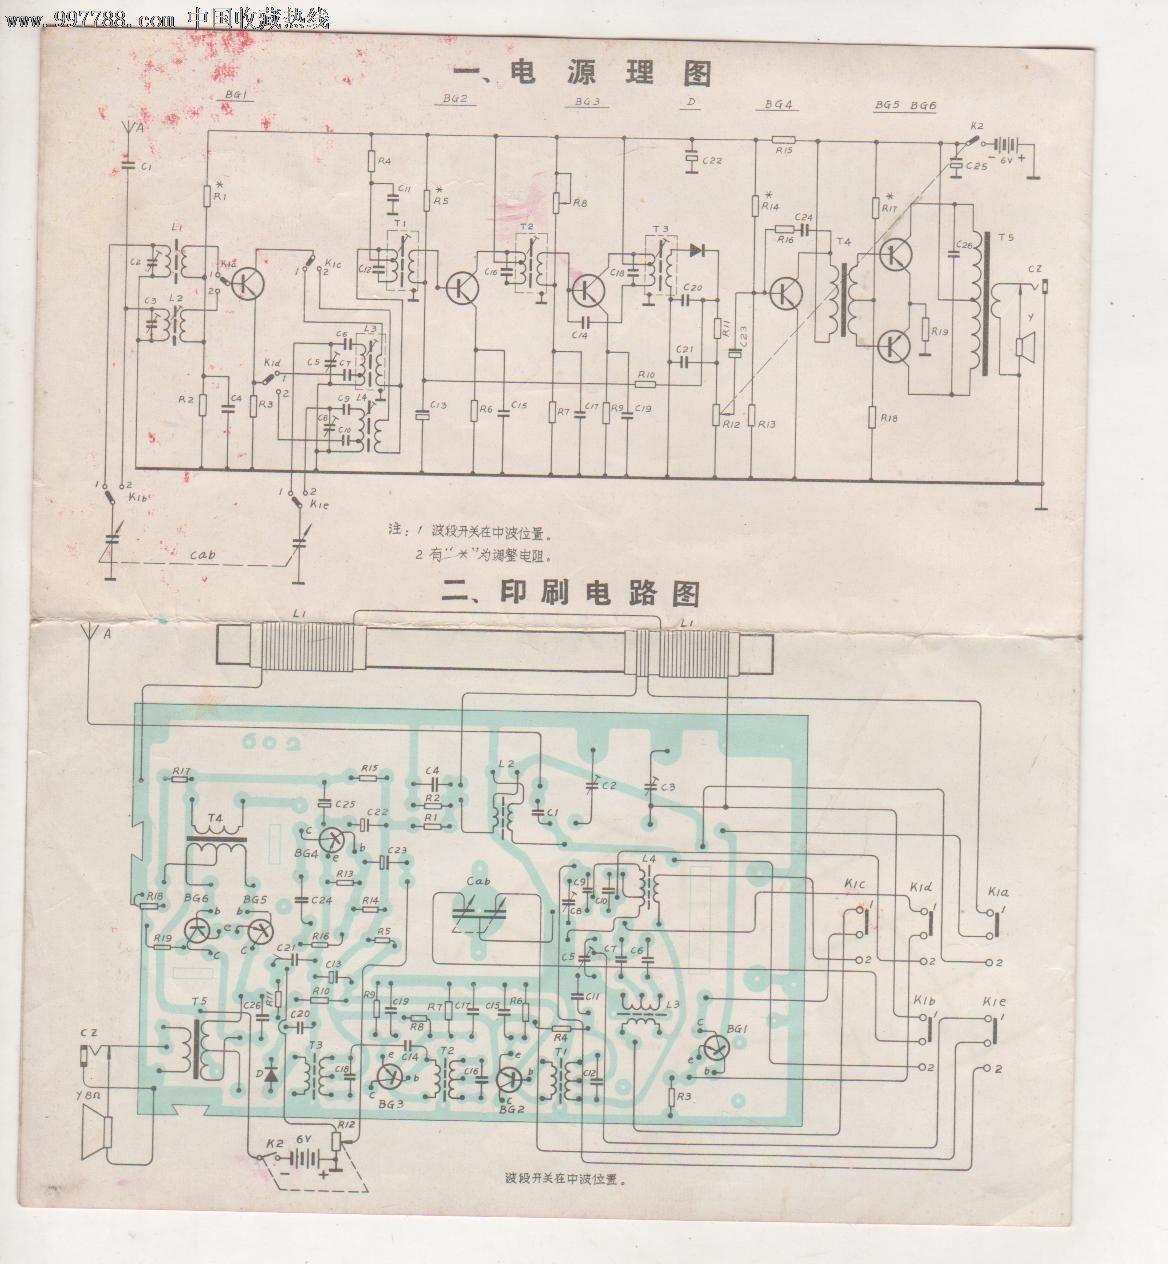 602型;晶体管收音机【长江】说明书